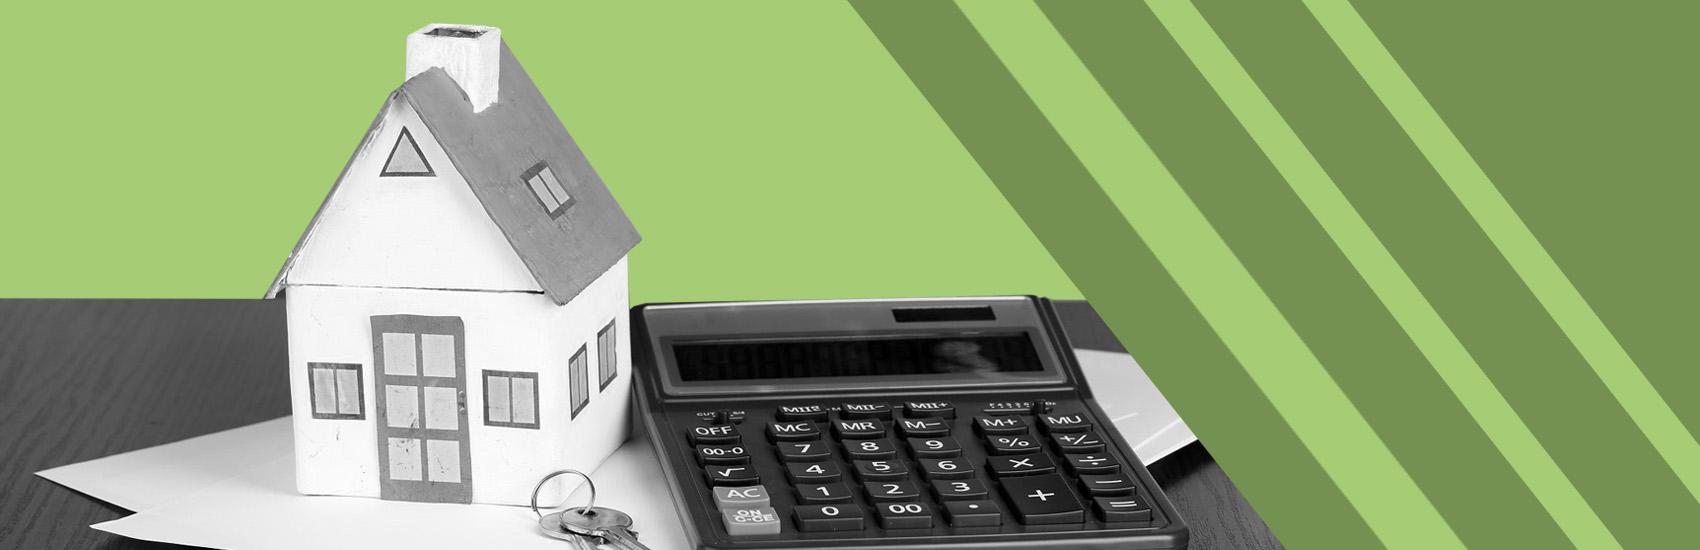 Юридическая консультация по вопросам рефинансирования ипотеки